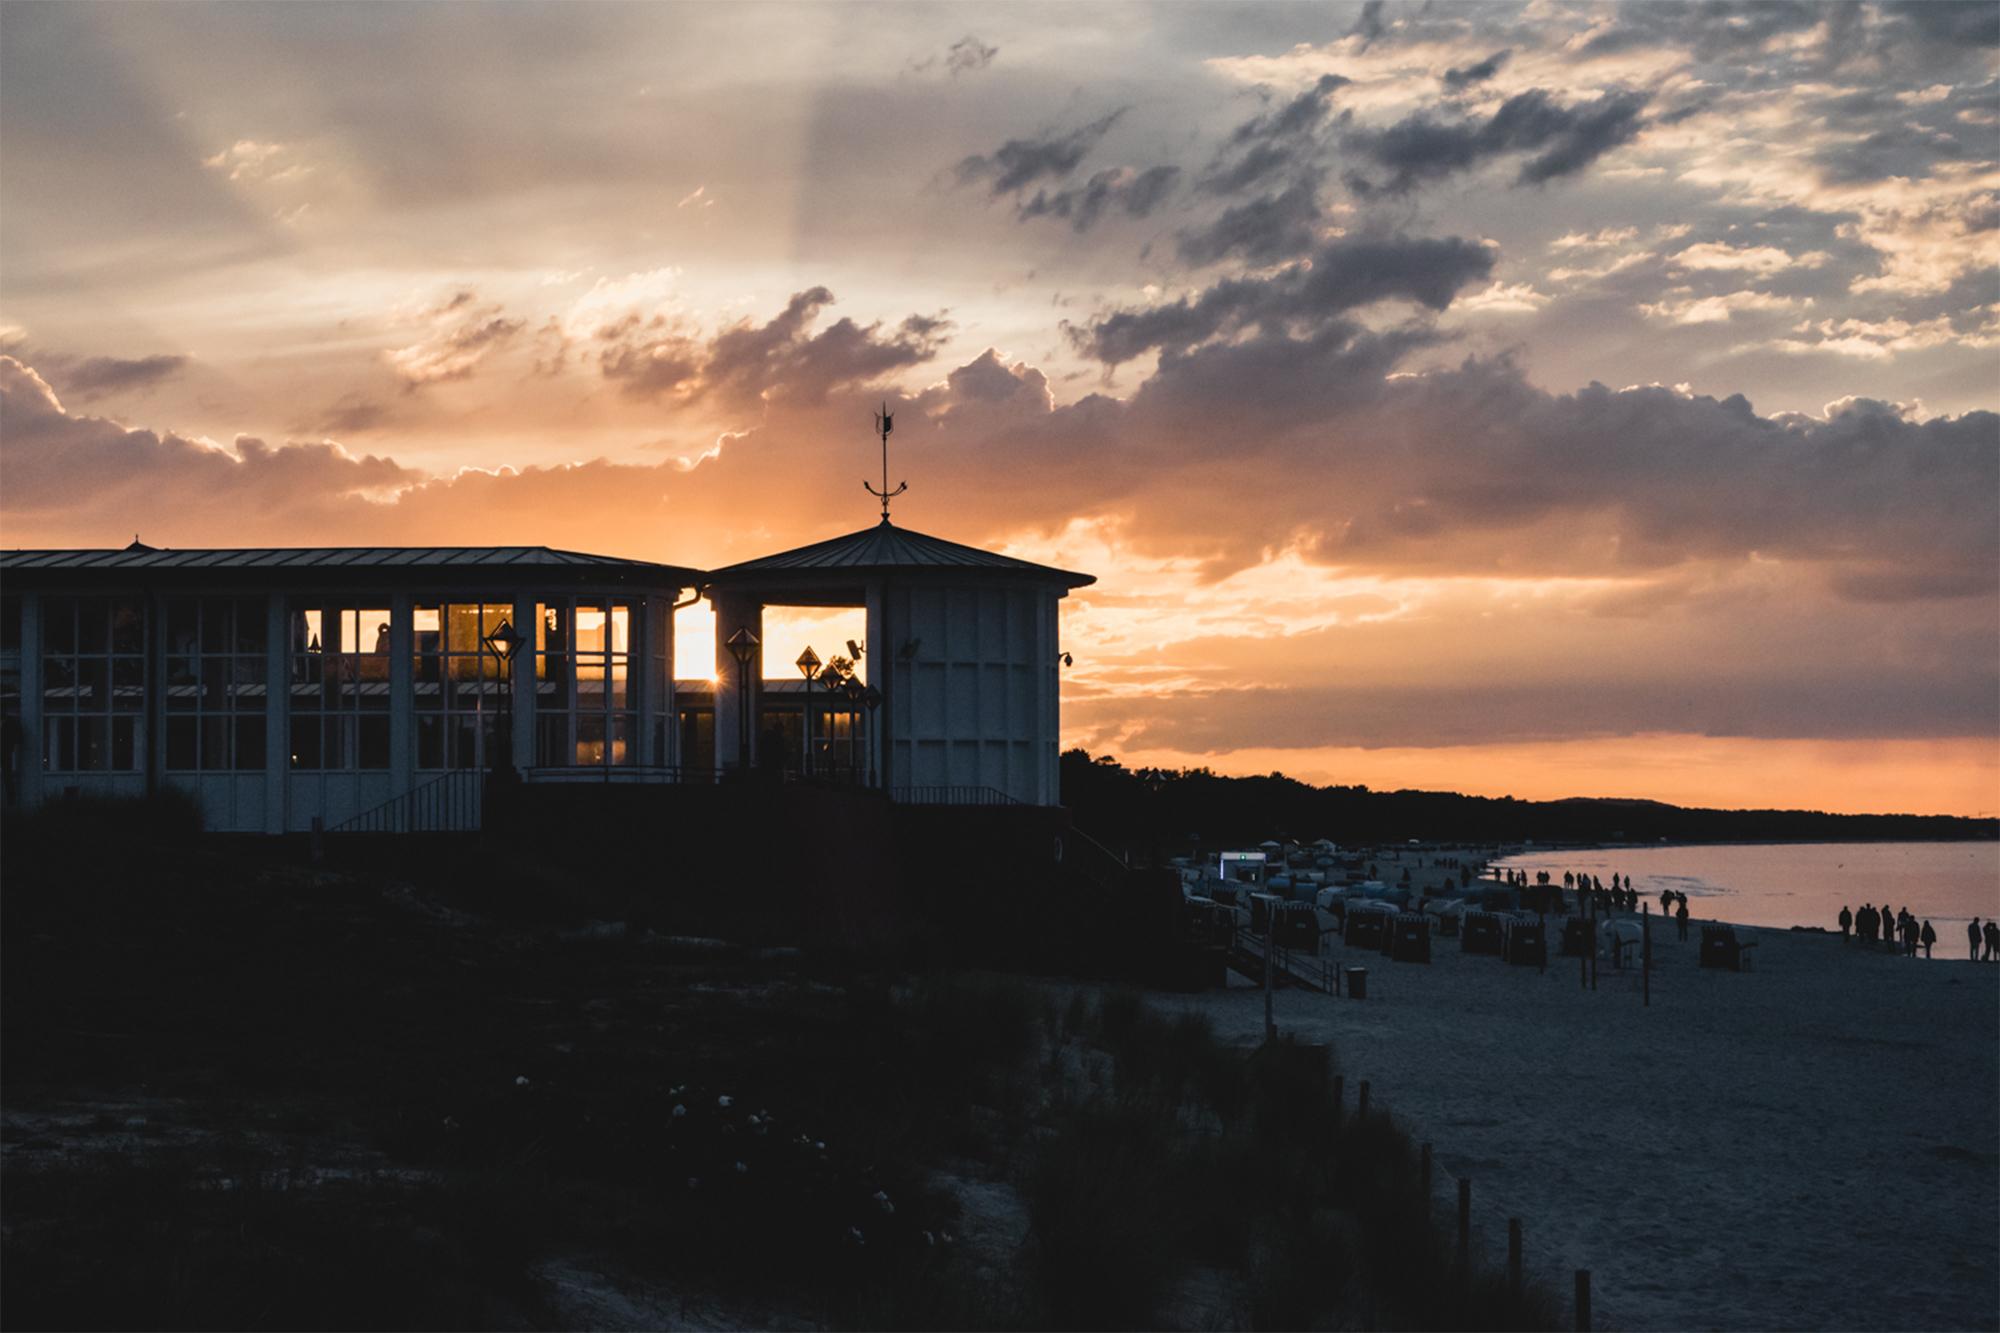 Sonnenuntergänge am Meer sind immer wieder etwas ganz Besonderes